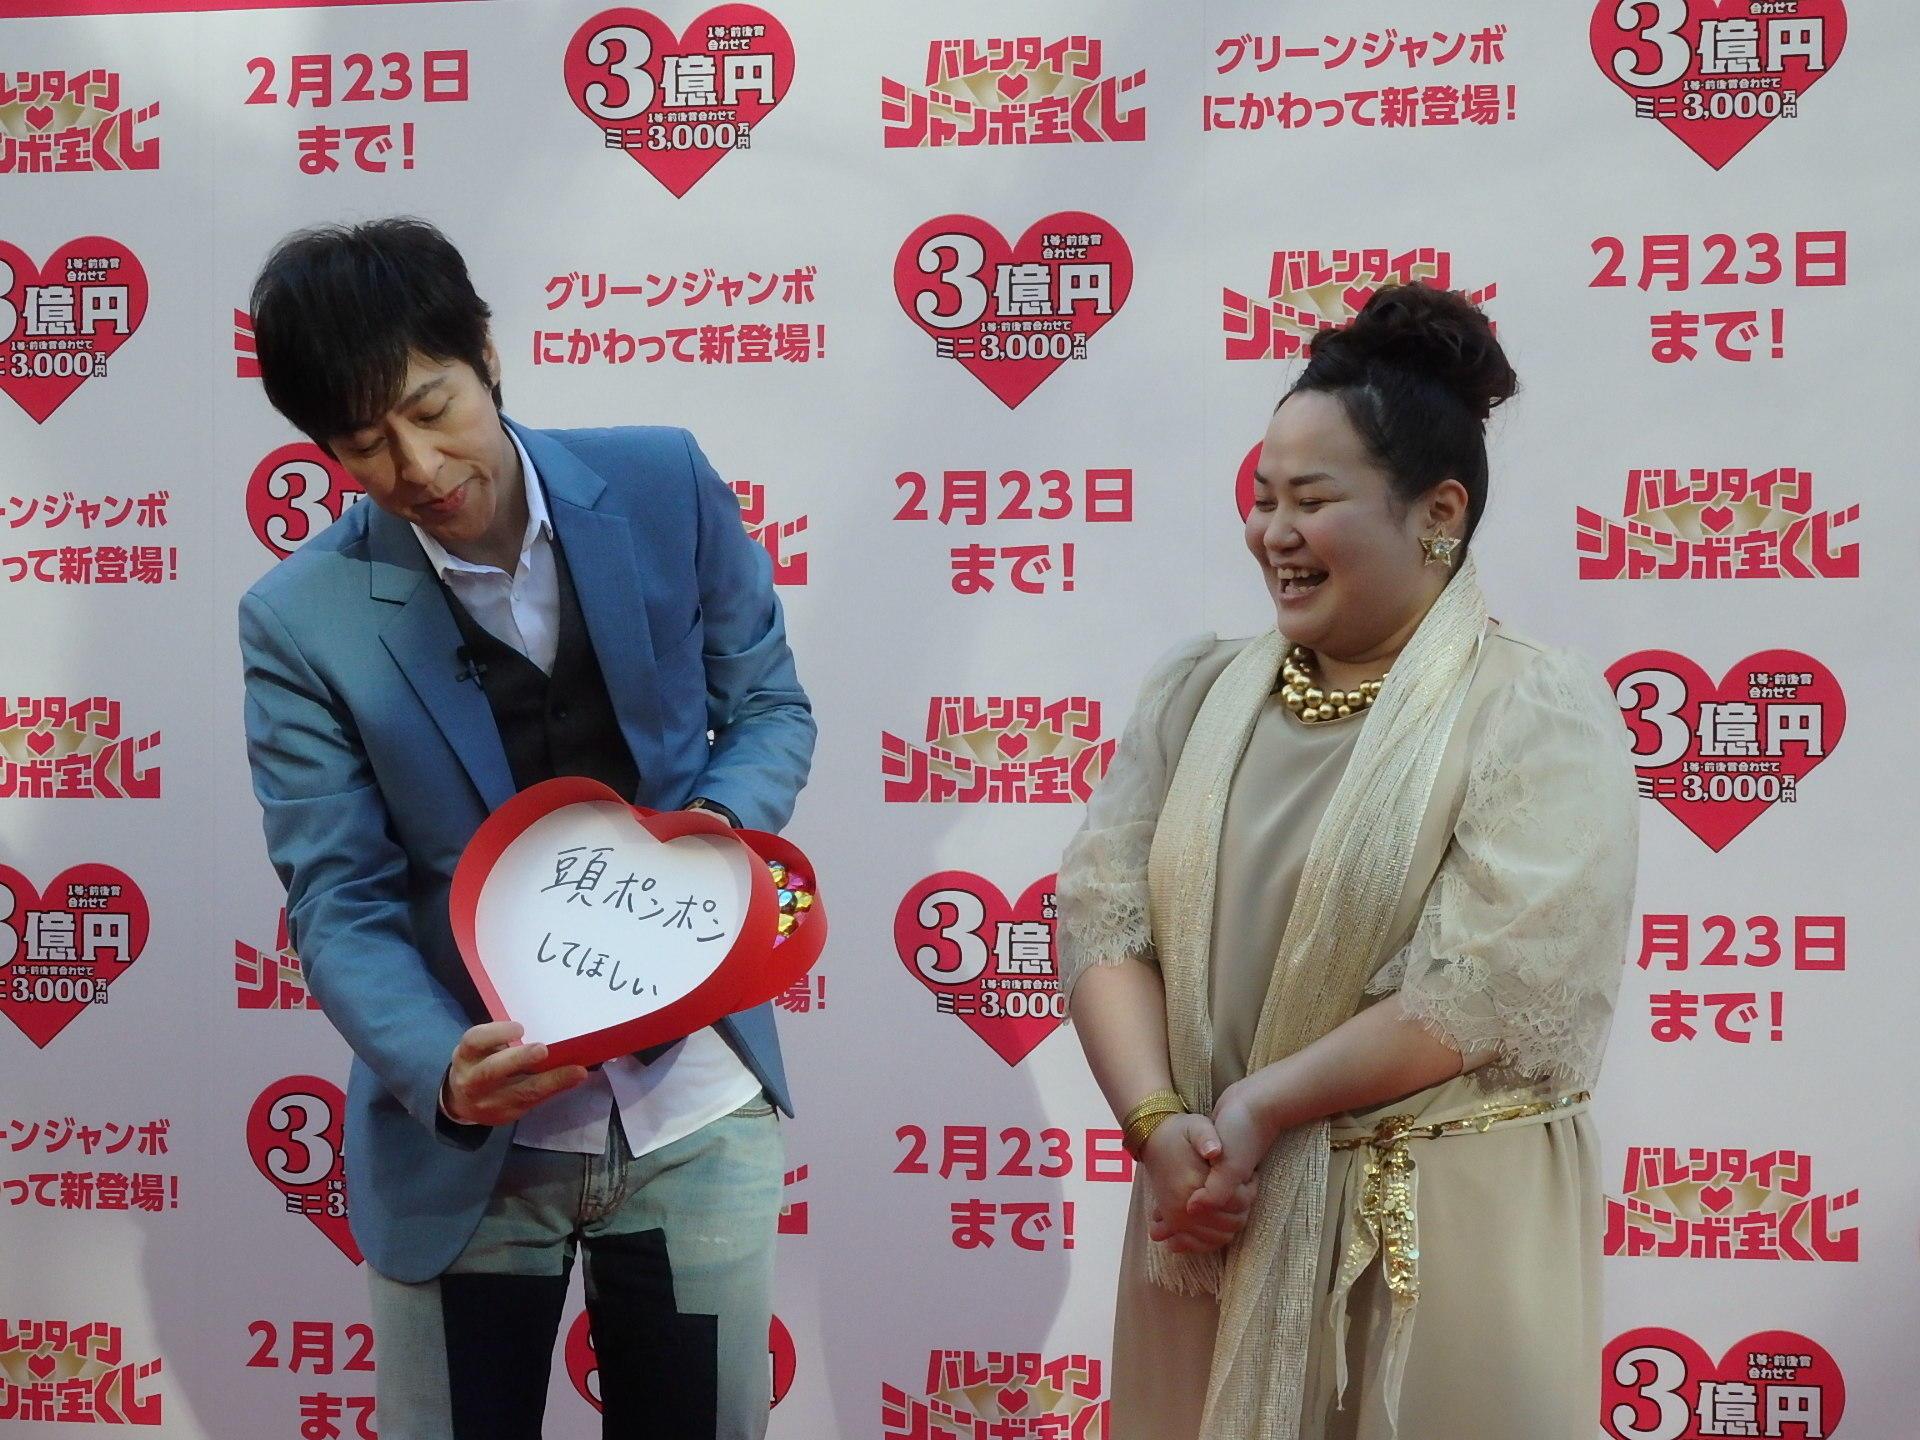 http://news.yoshimoto.co.jp/20180131180051-b5968bf1f5ed6d004743f9bca2257010538d9d08.jpg